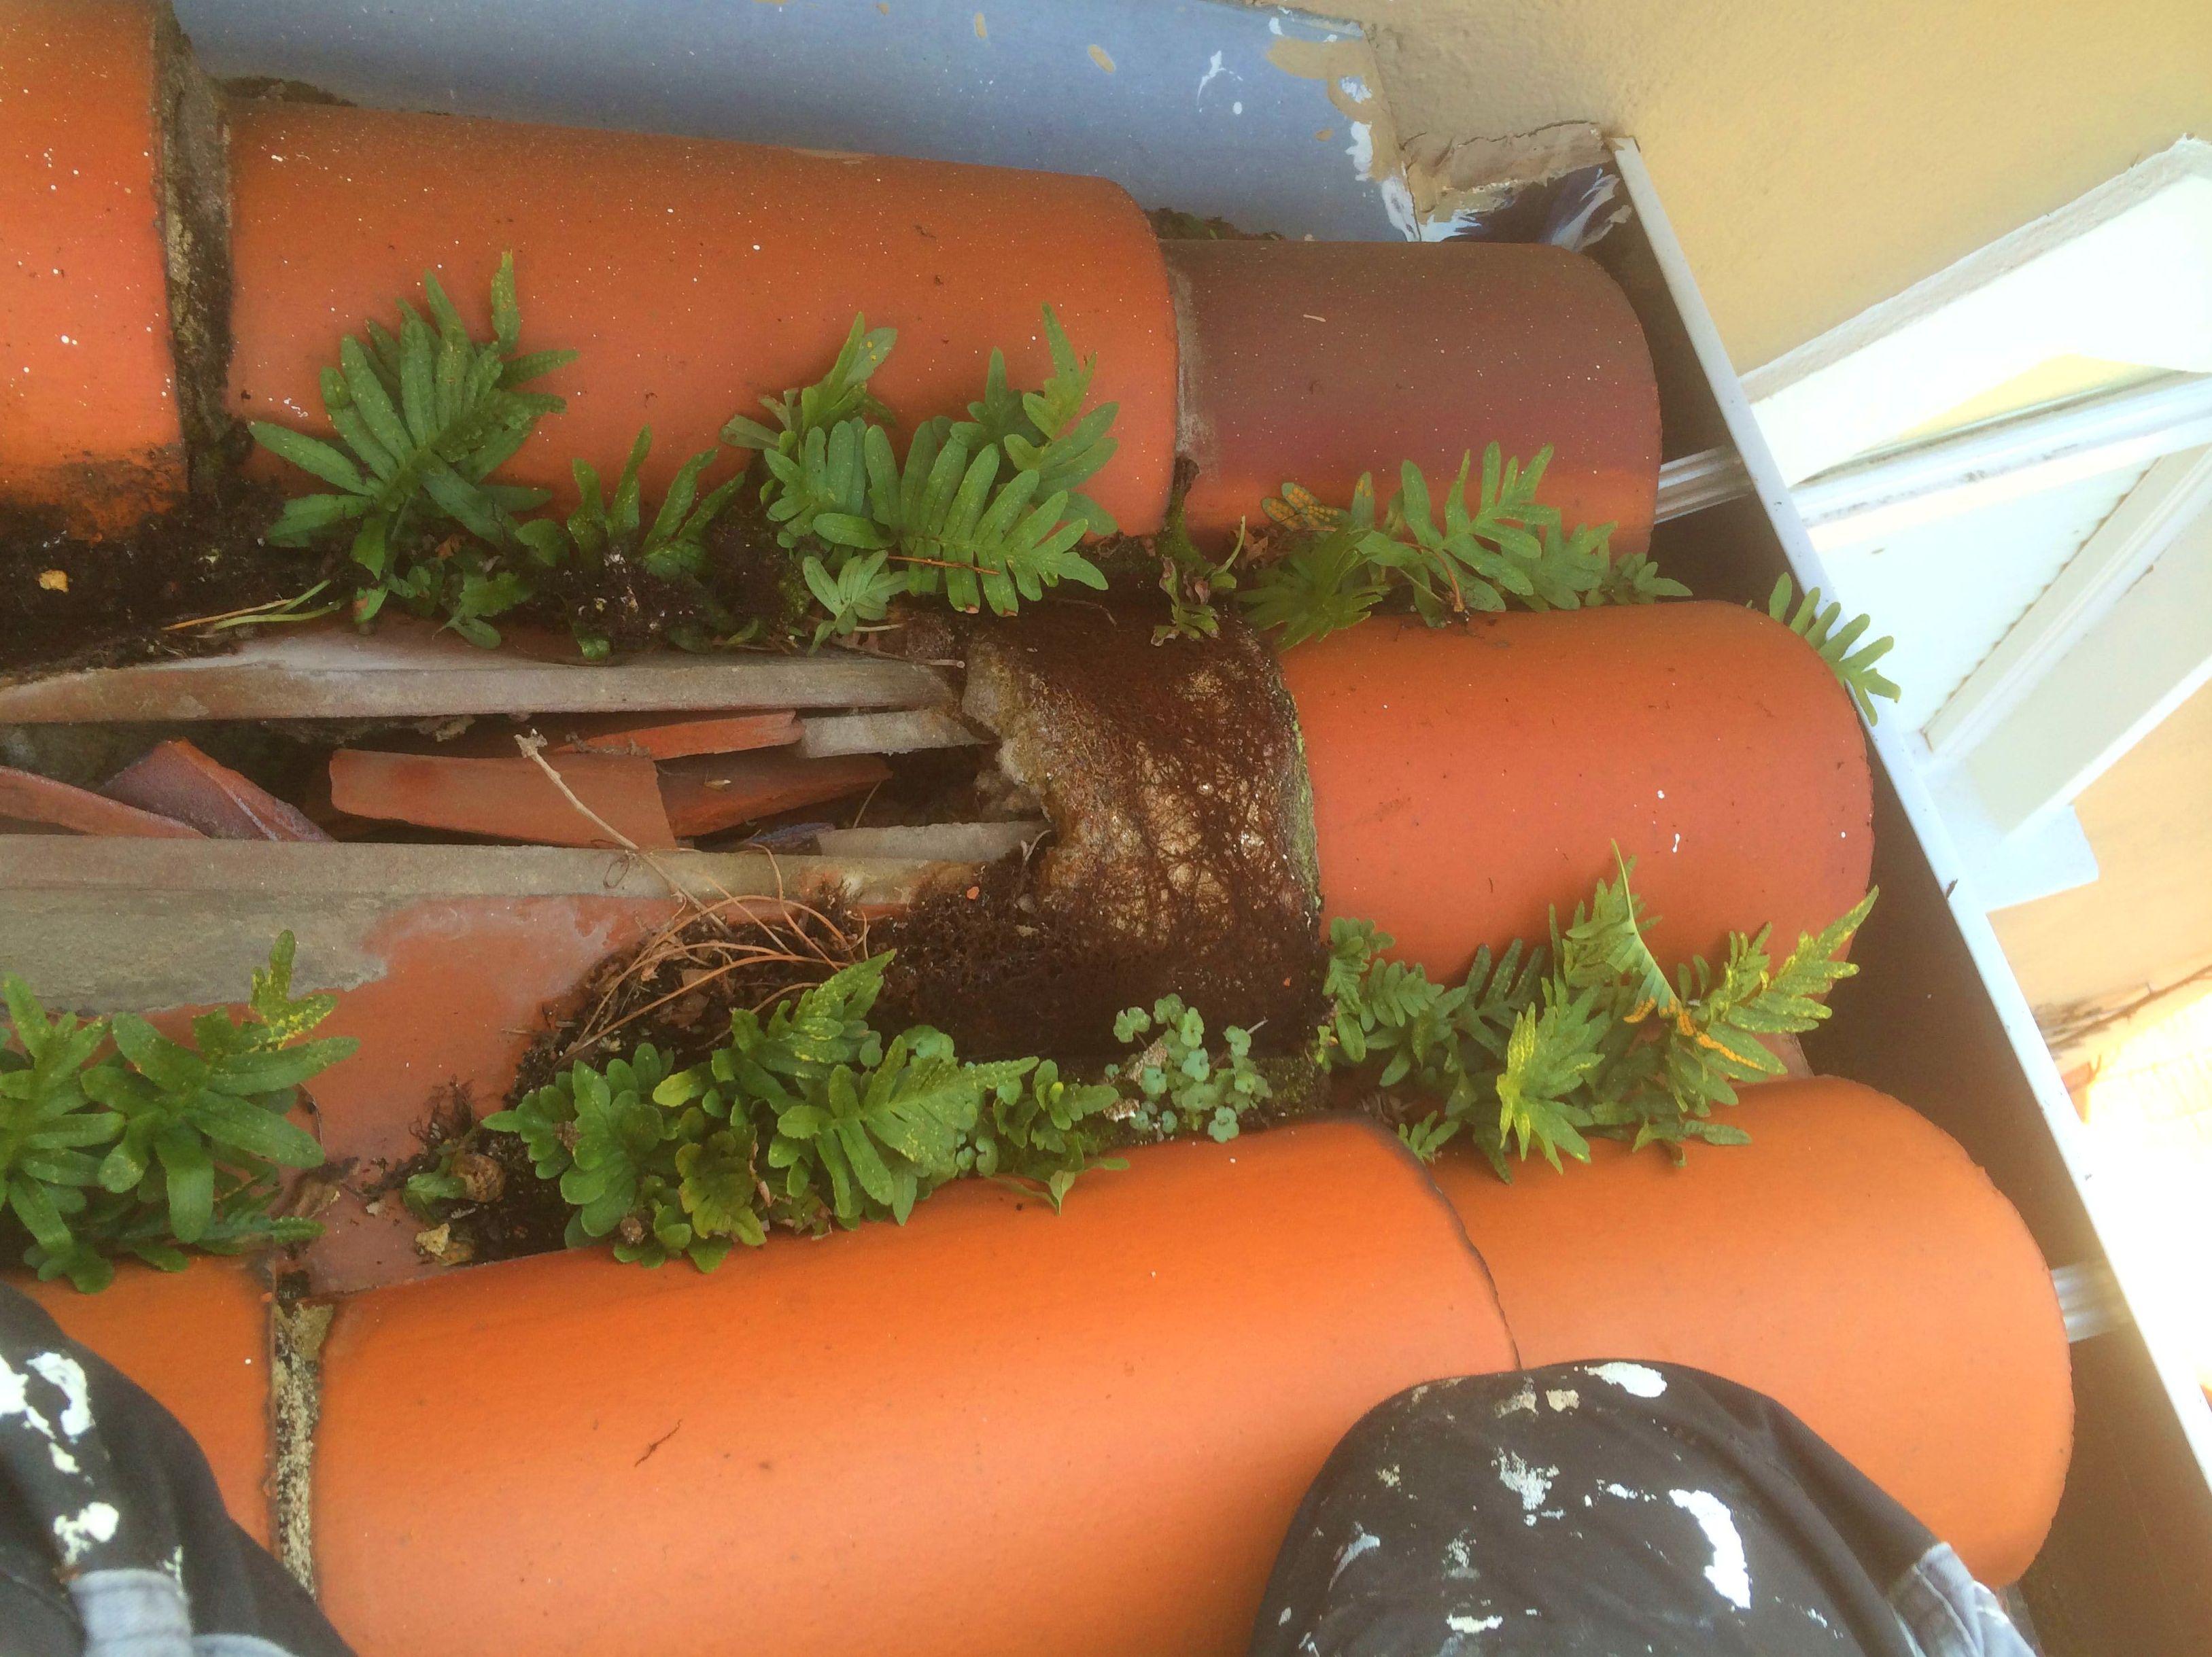 MANTENIMIENTO DE TEJADOS Y CUBIERTAS EN SANTANDER-TORRELAVEGA.  Los canalones o pesebrones de agua son los conductos que llevan el agua de lluvia de forma horizontal por el tejado. Debido a su posición reciben mucha basura que pueden atascar los canalones